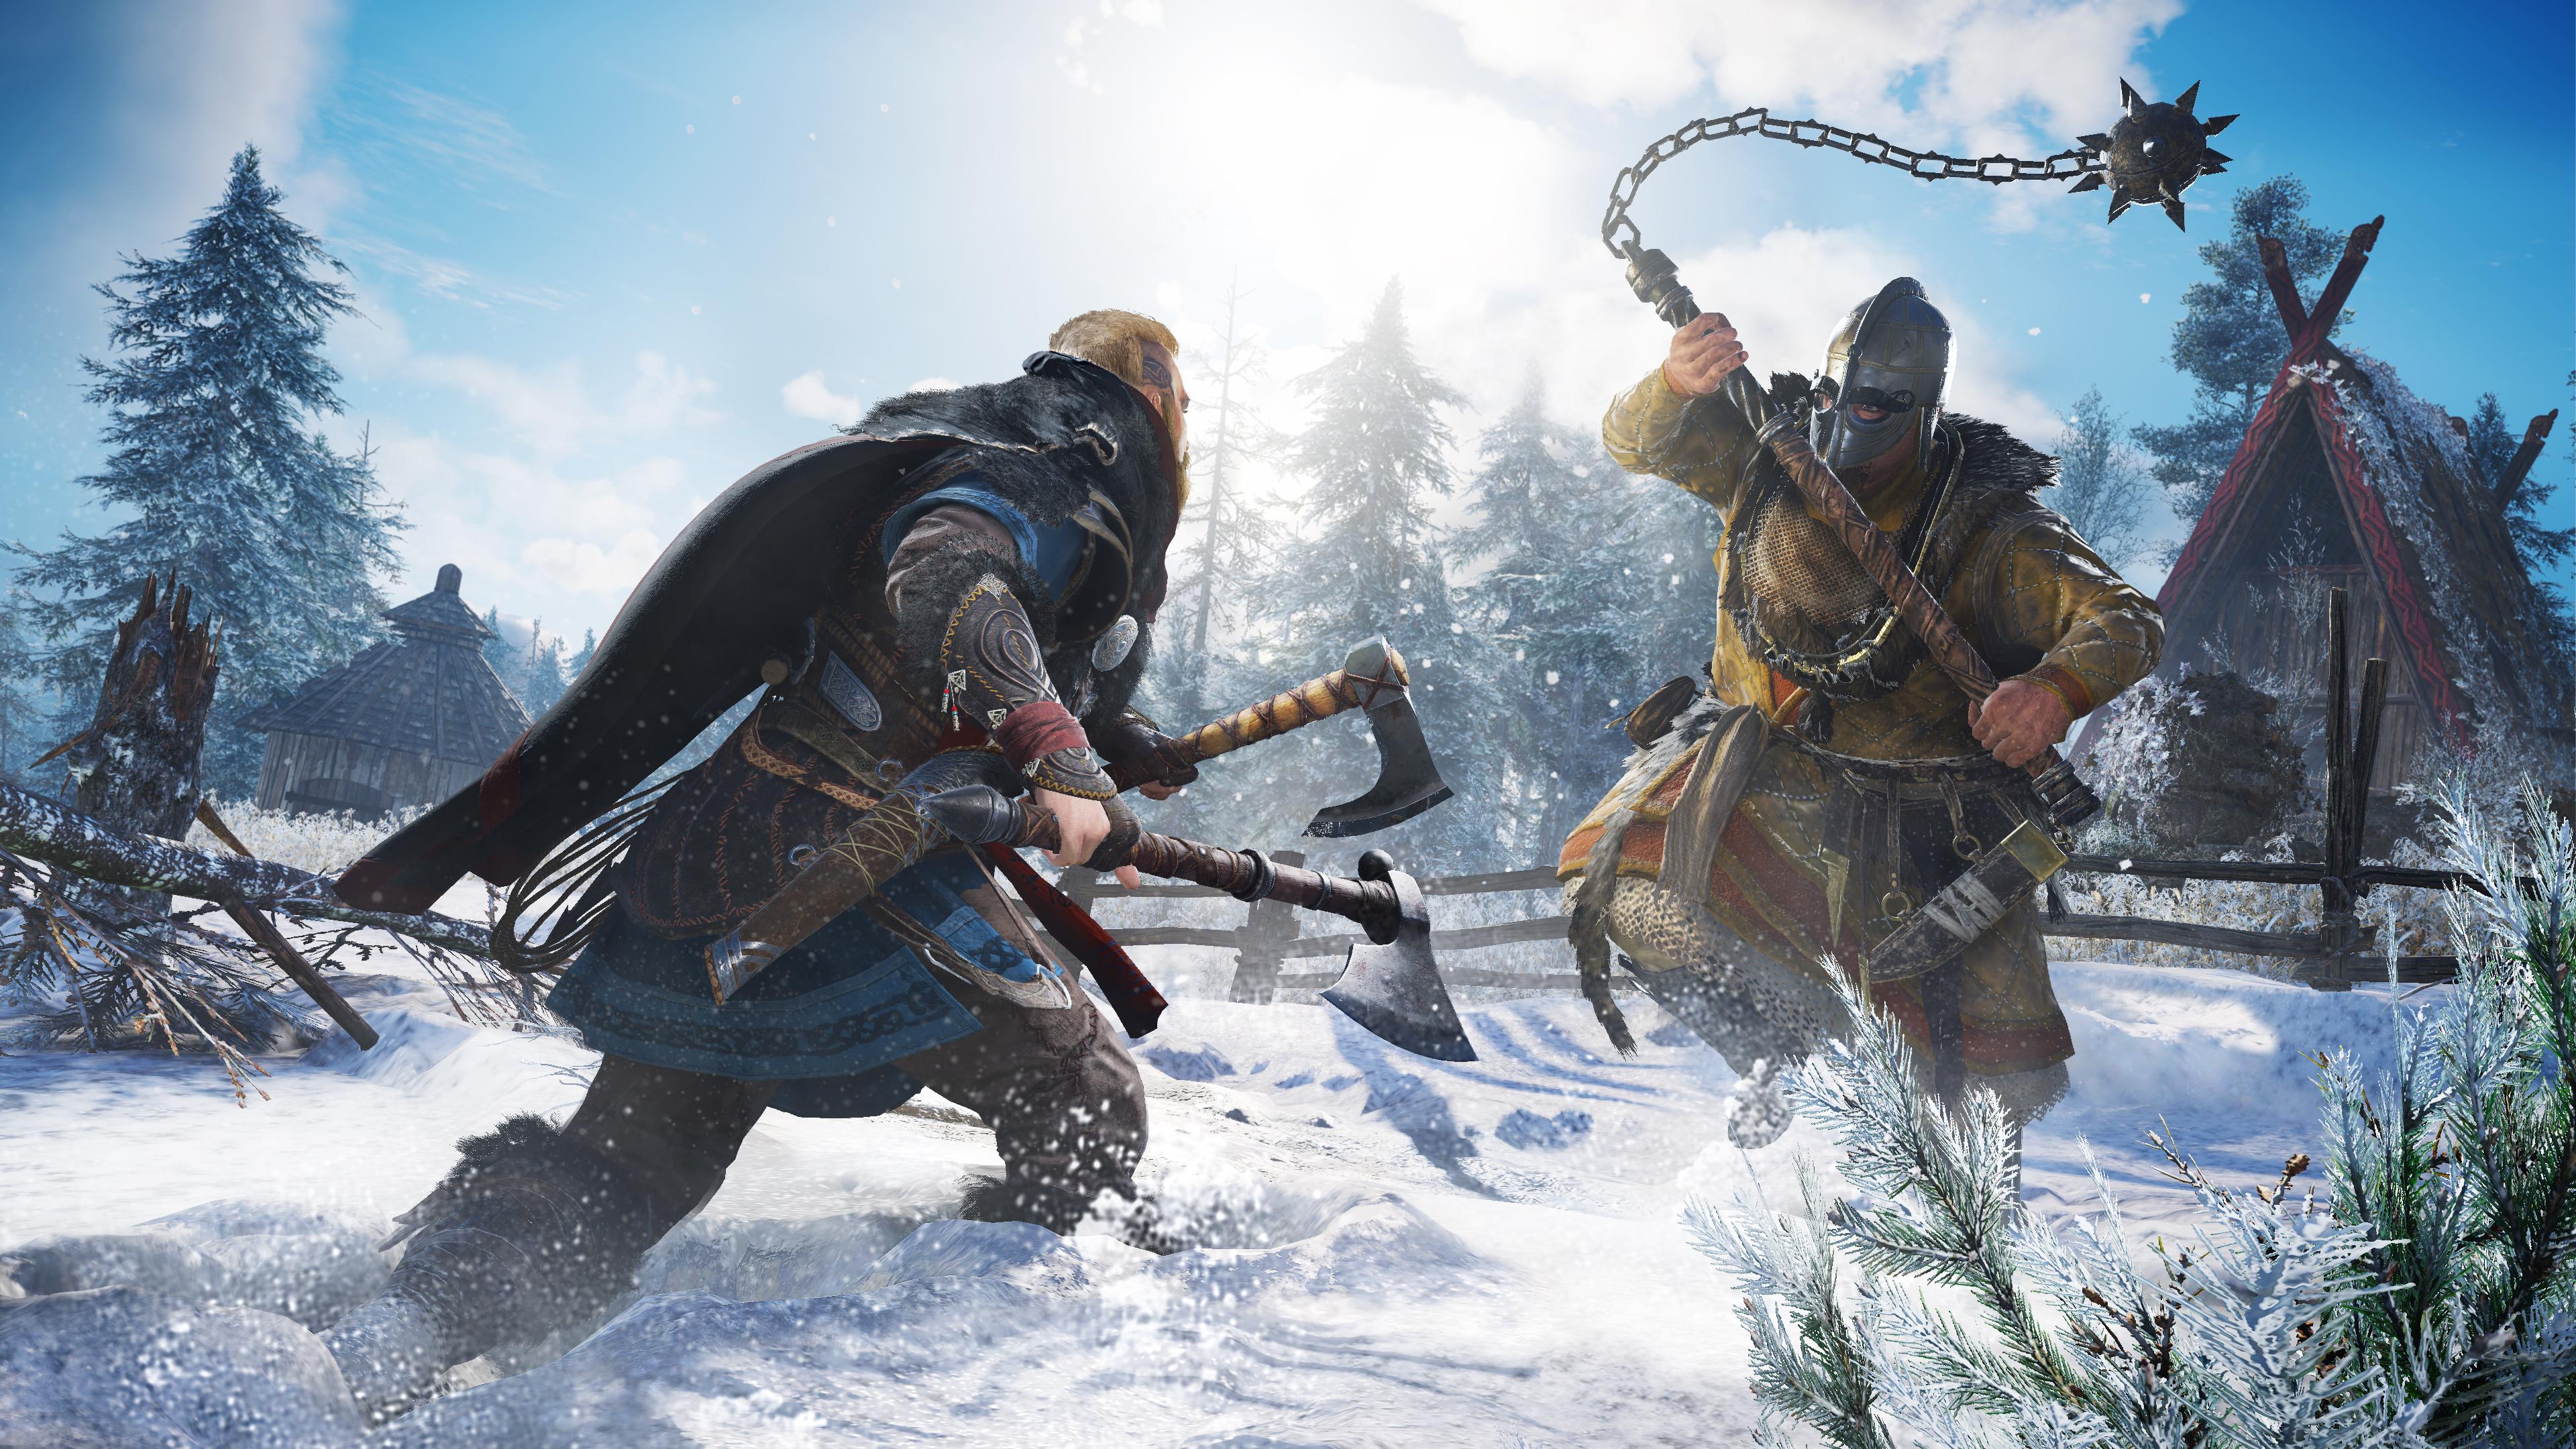 (Crédito da imagem: Ubisoft)